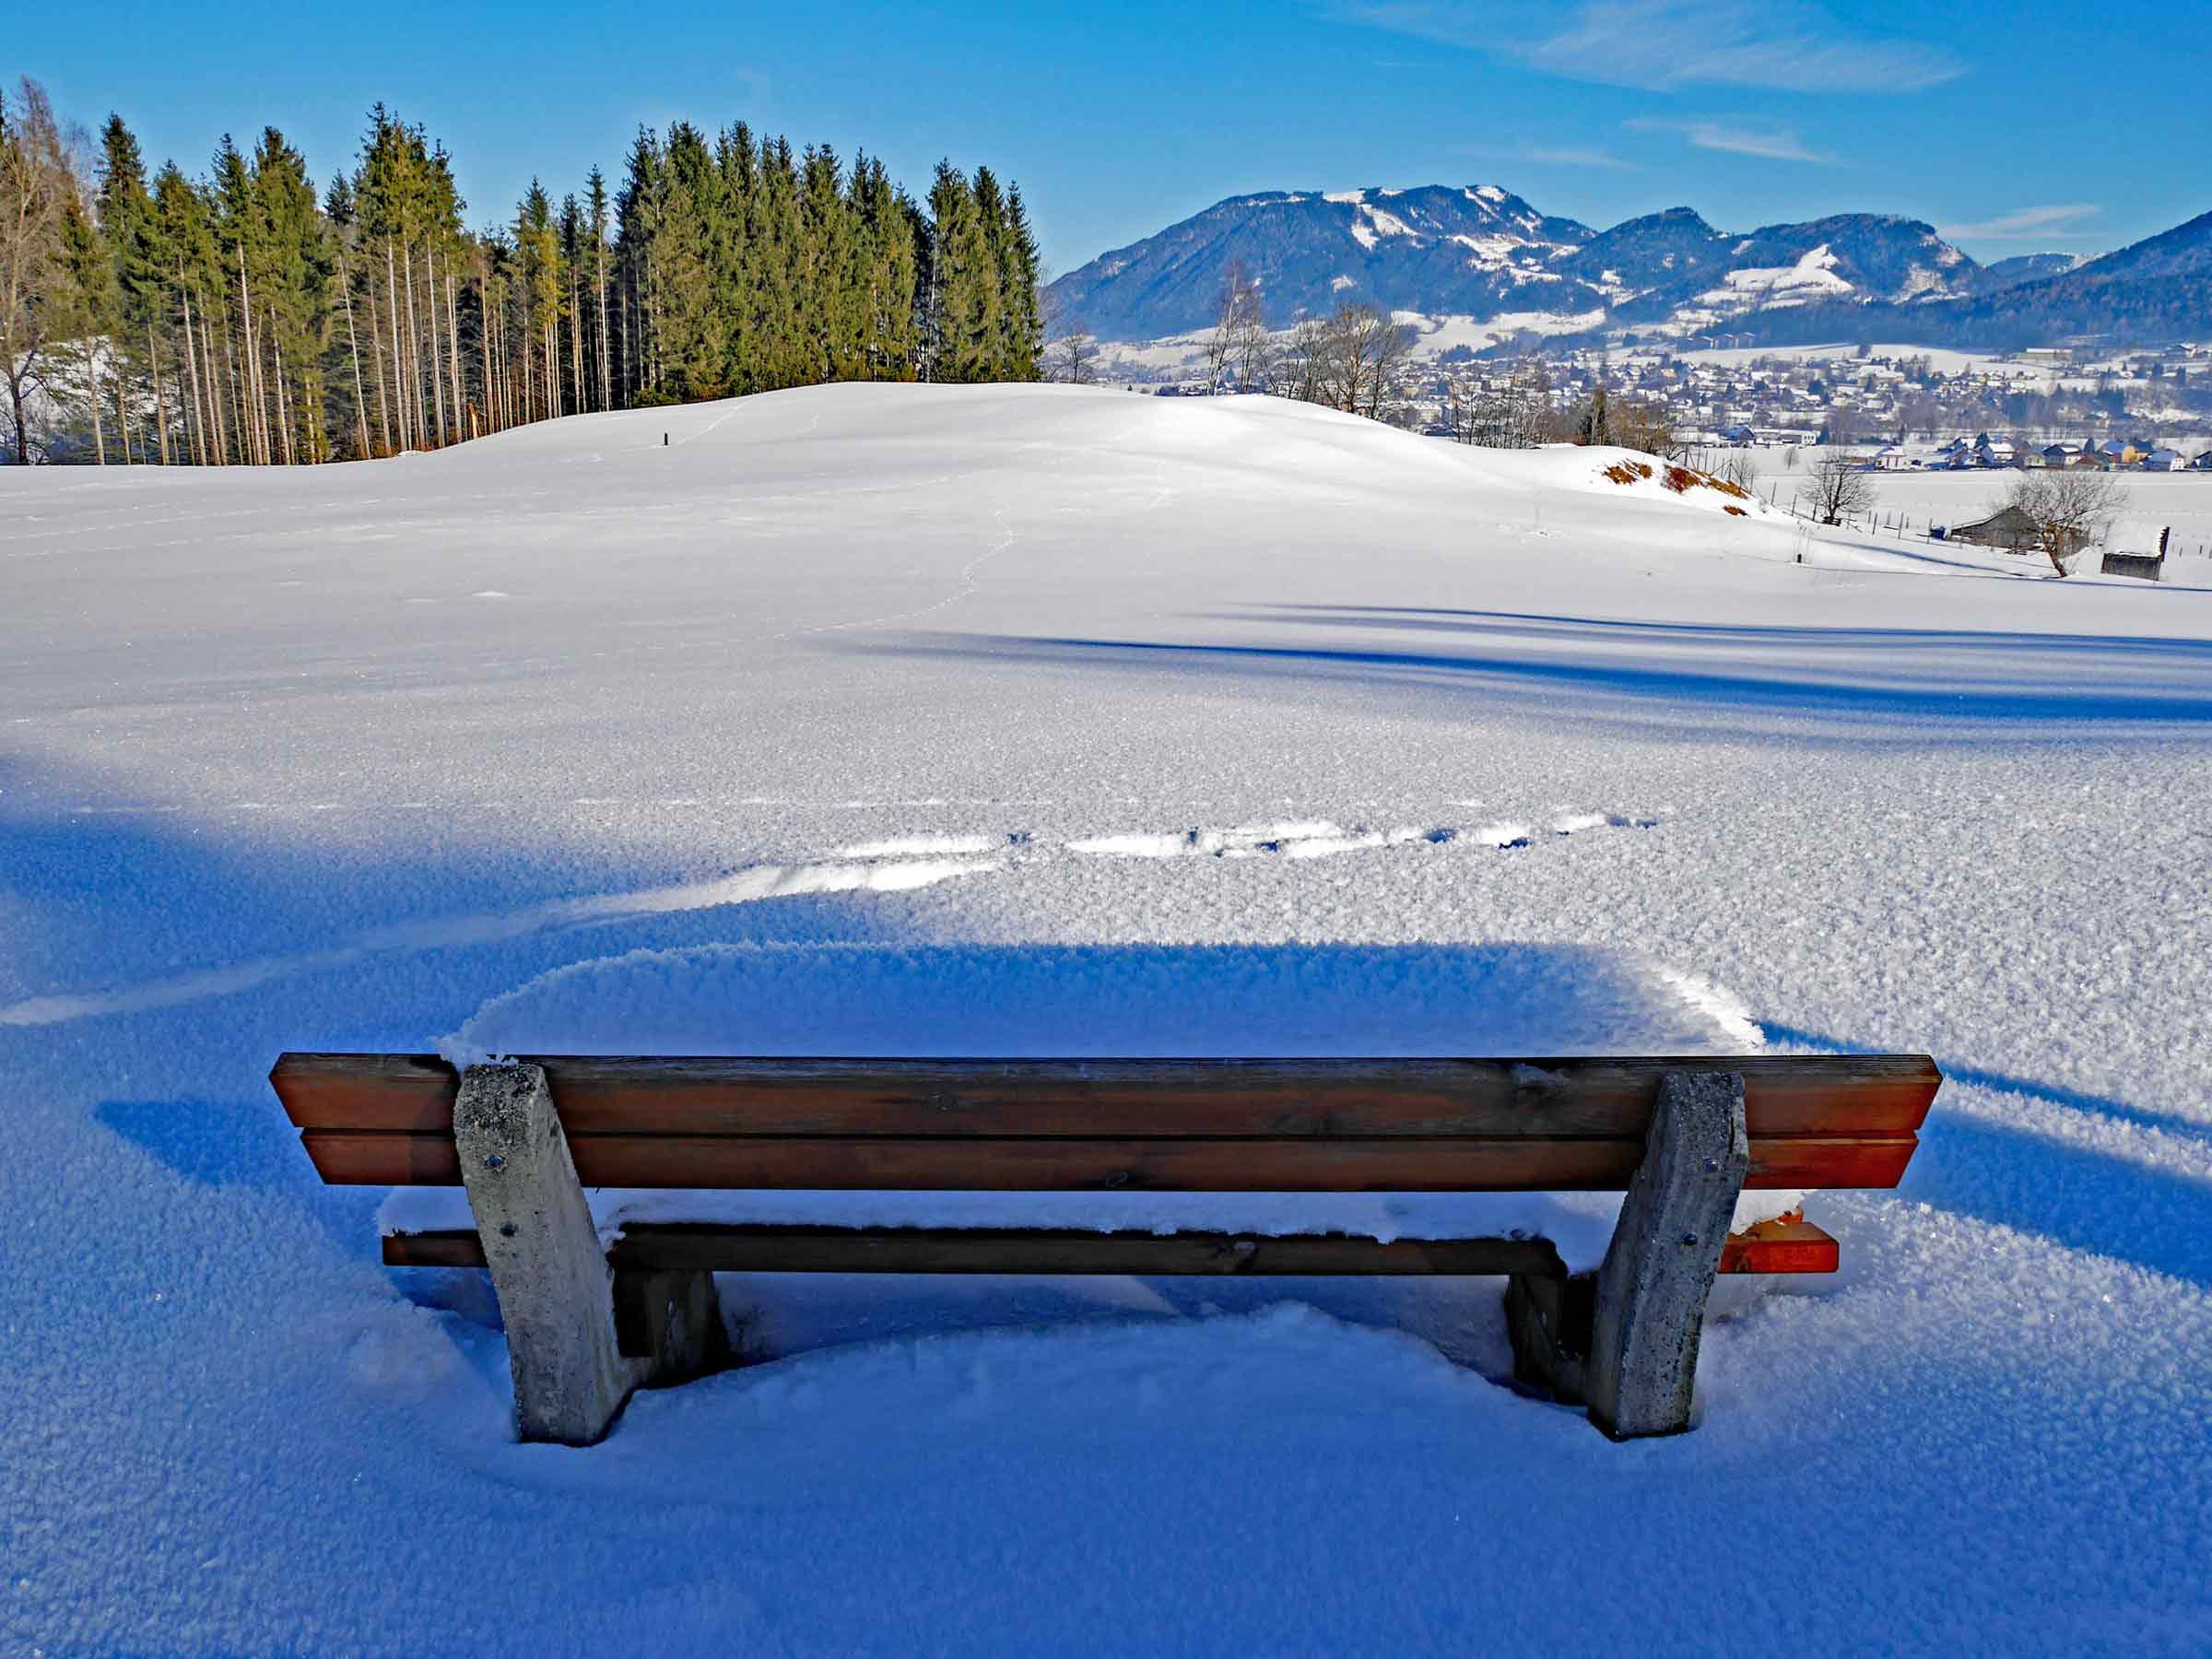 Warten, immer Warten. Schneebedeckt Bank in den Bergen bei blauem Himmel